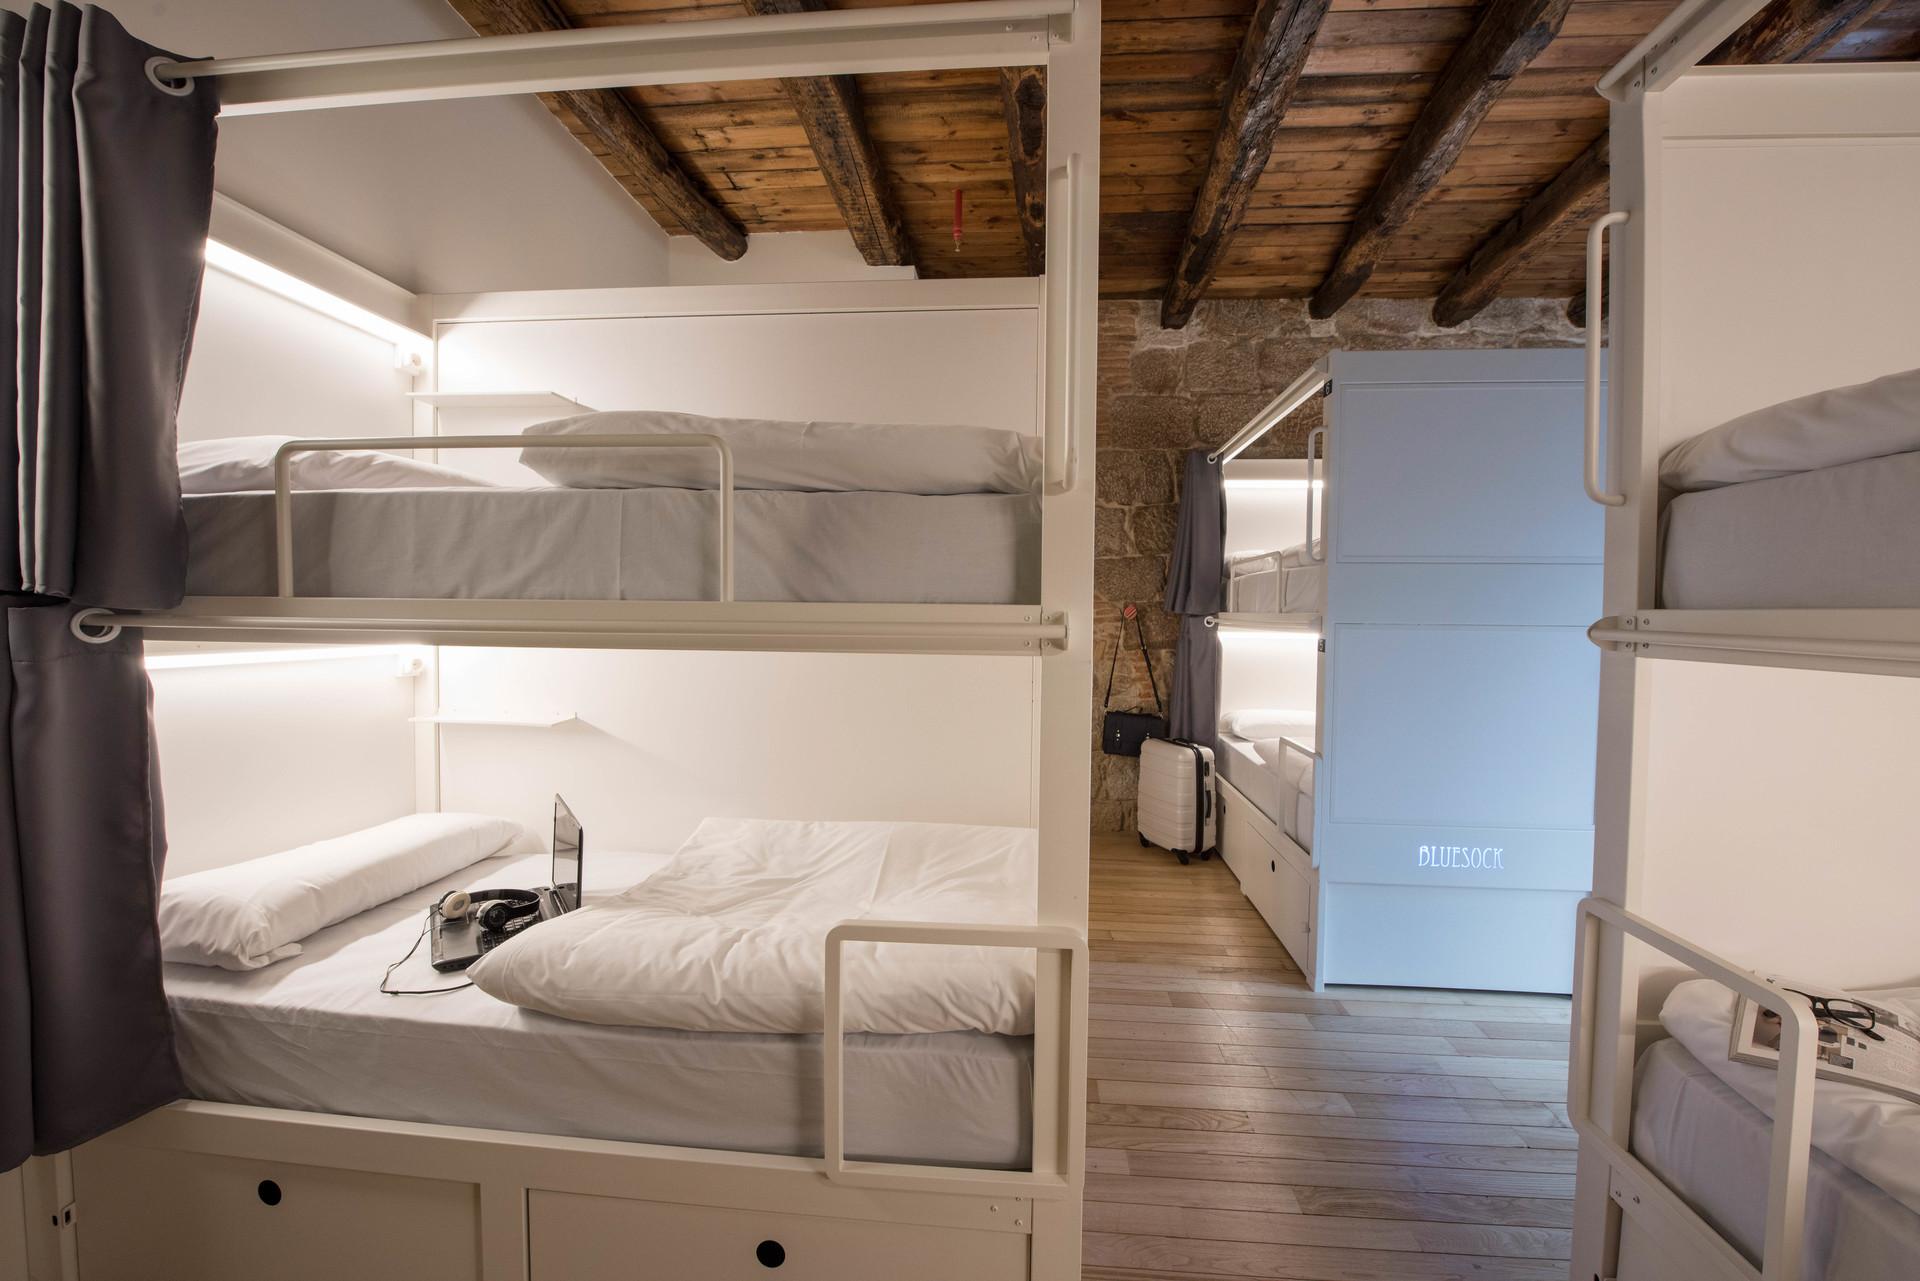 Cama individual en habitaci n con literas alquiler for Habitacion con litera